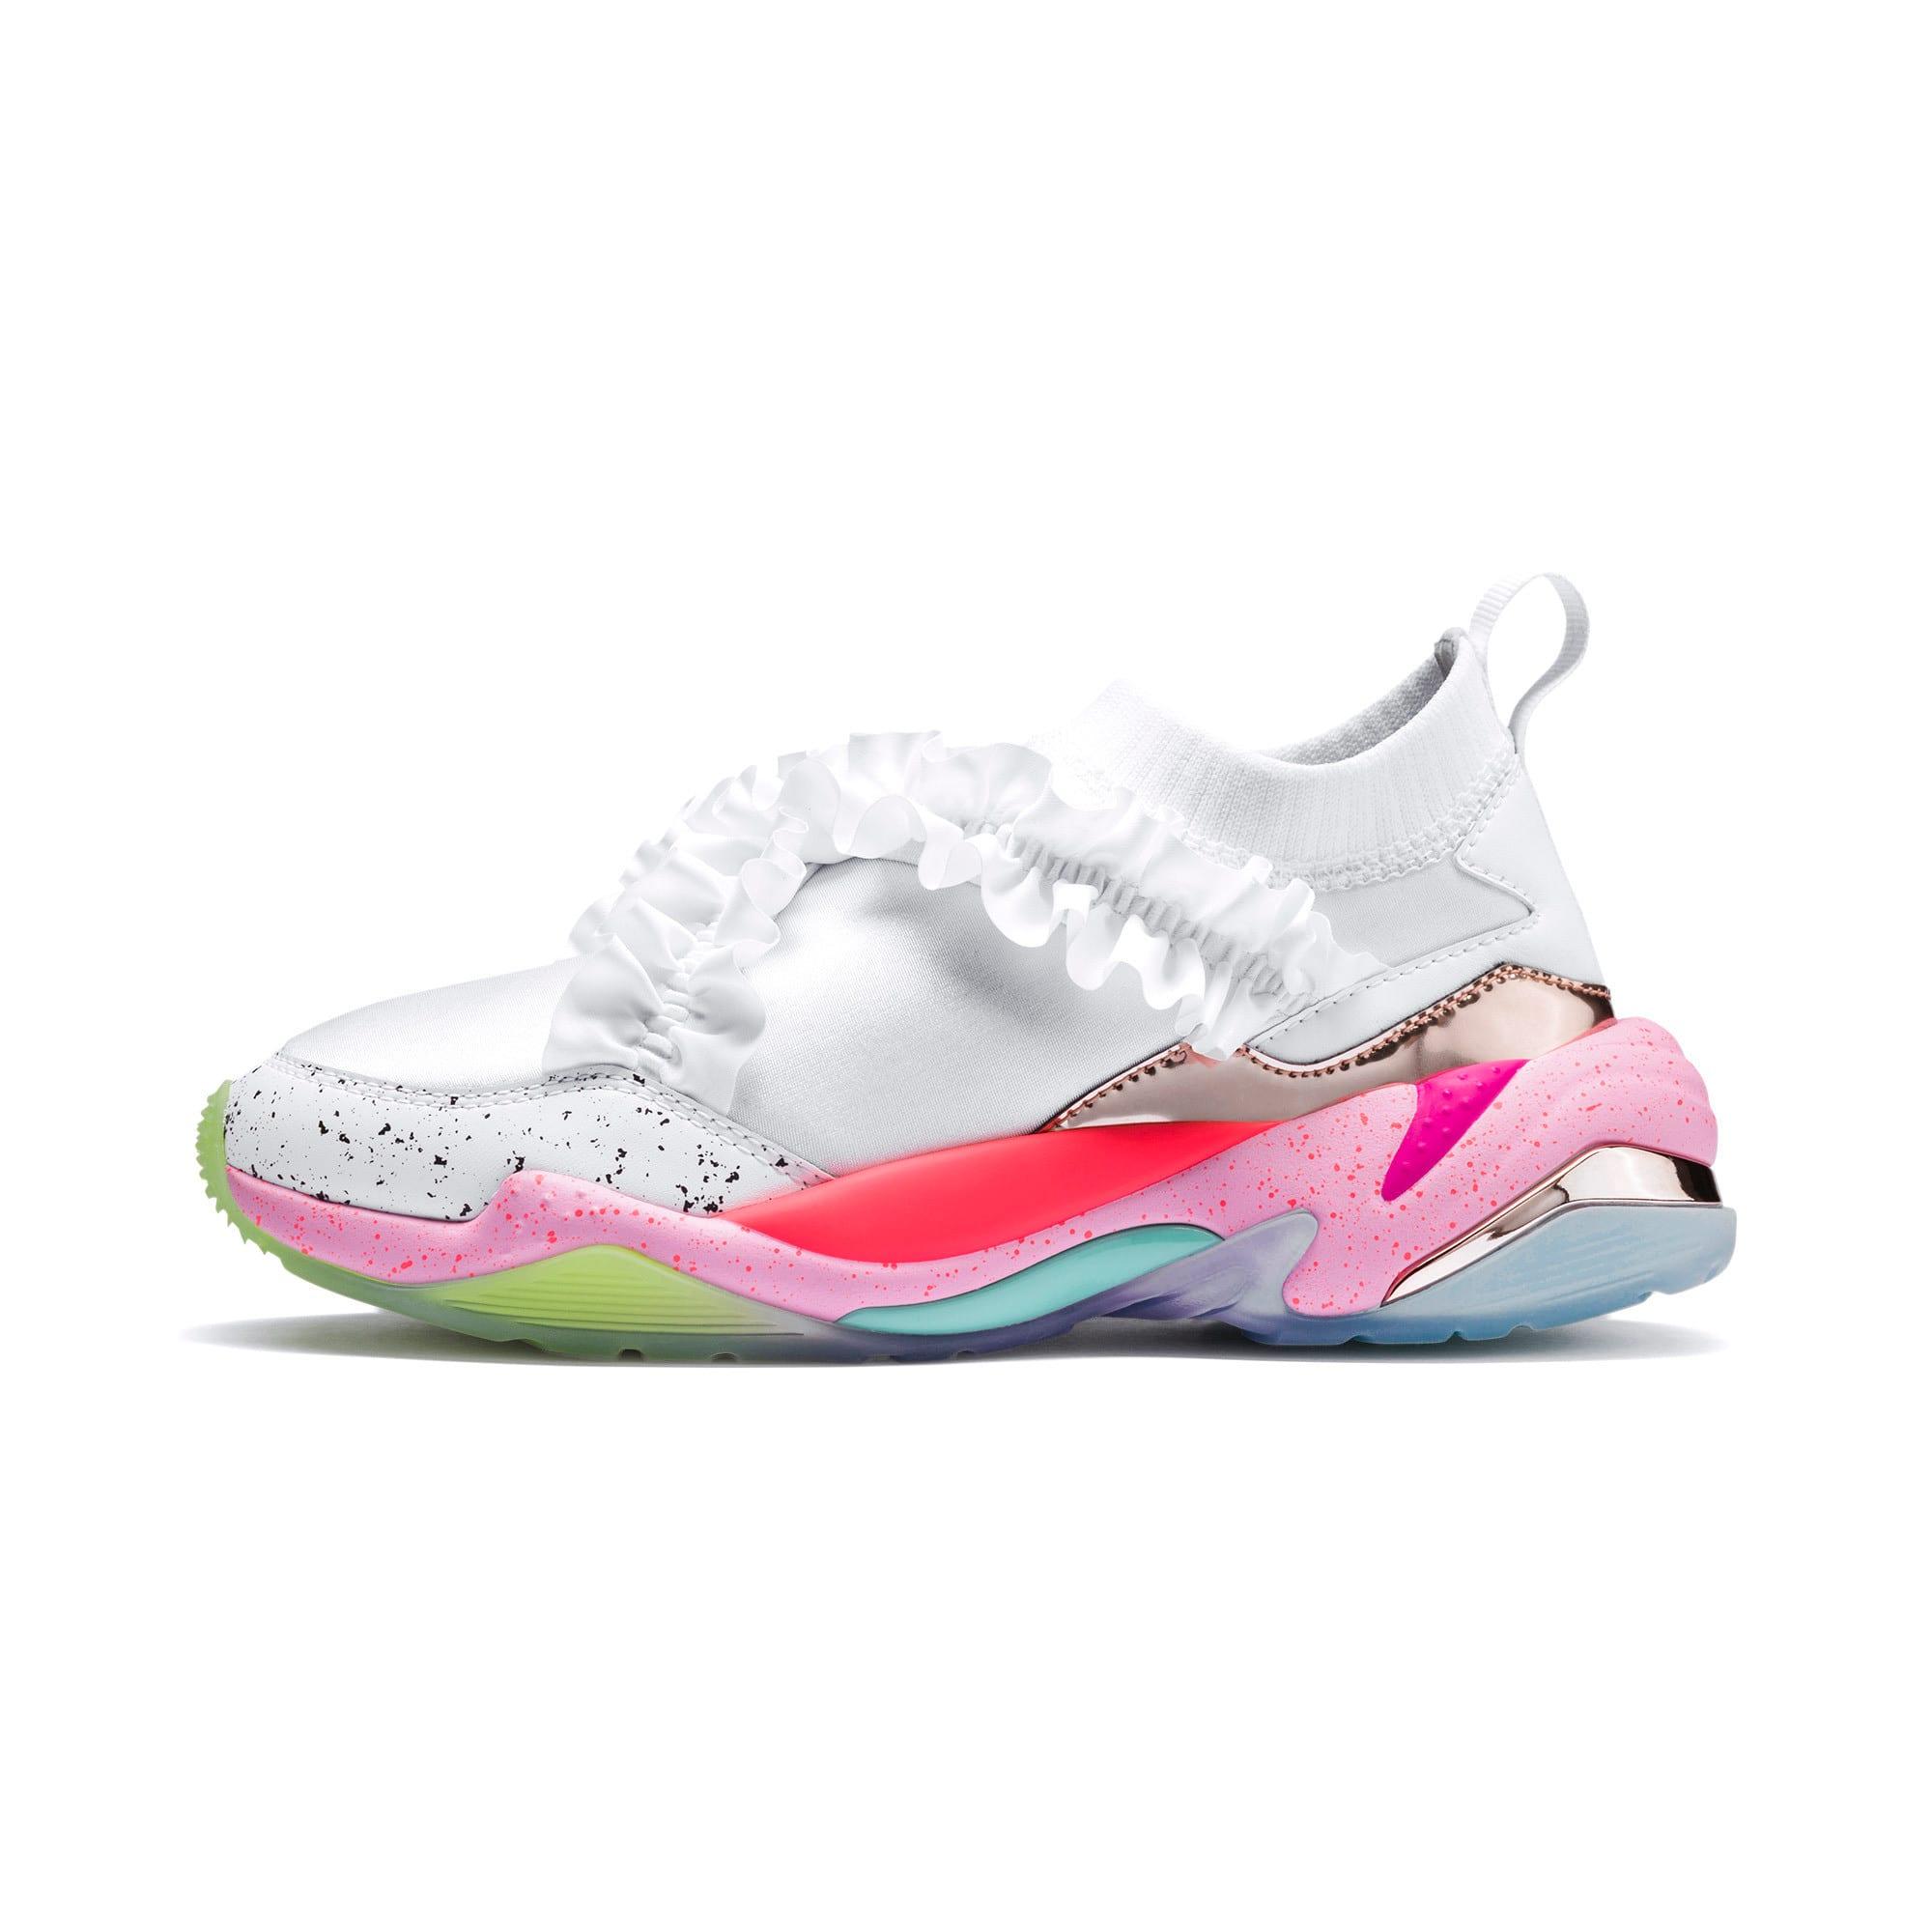 Miniatura 1 de Zapatos deportivosPUMA x SOPHIA WEBSTER Thunder de mujer, Puma White, mediano